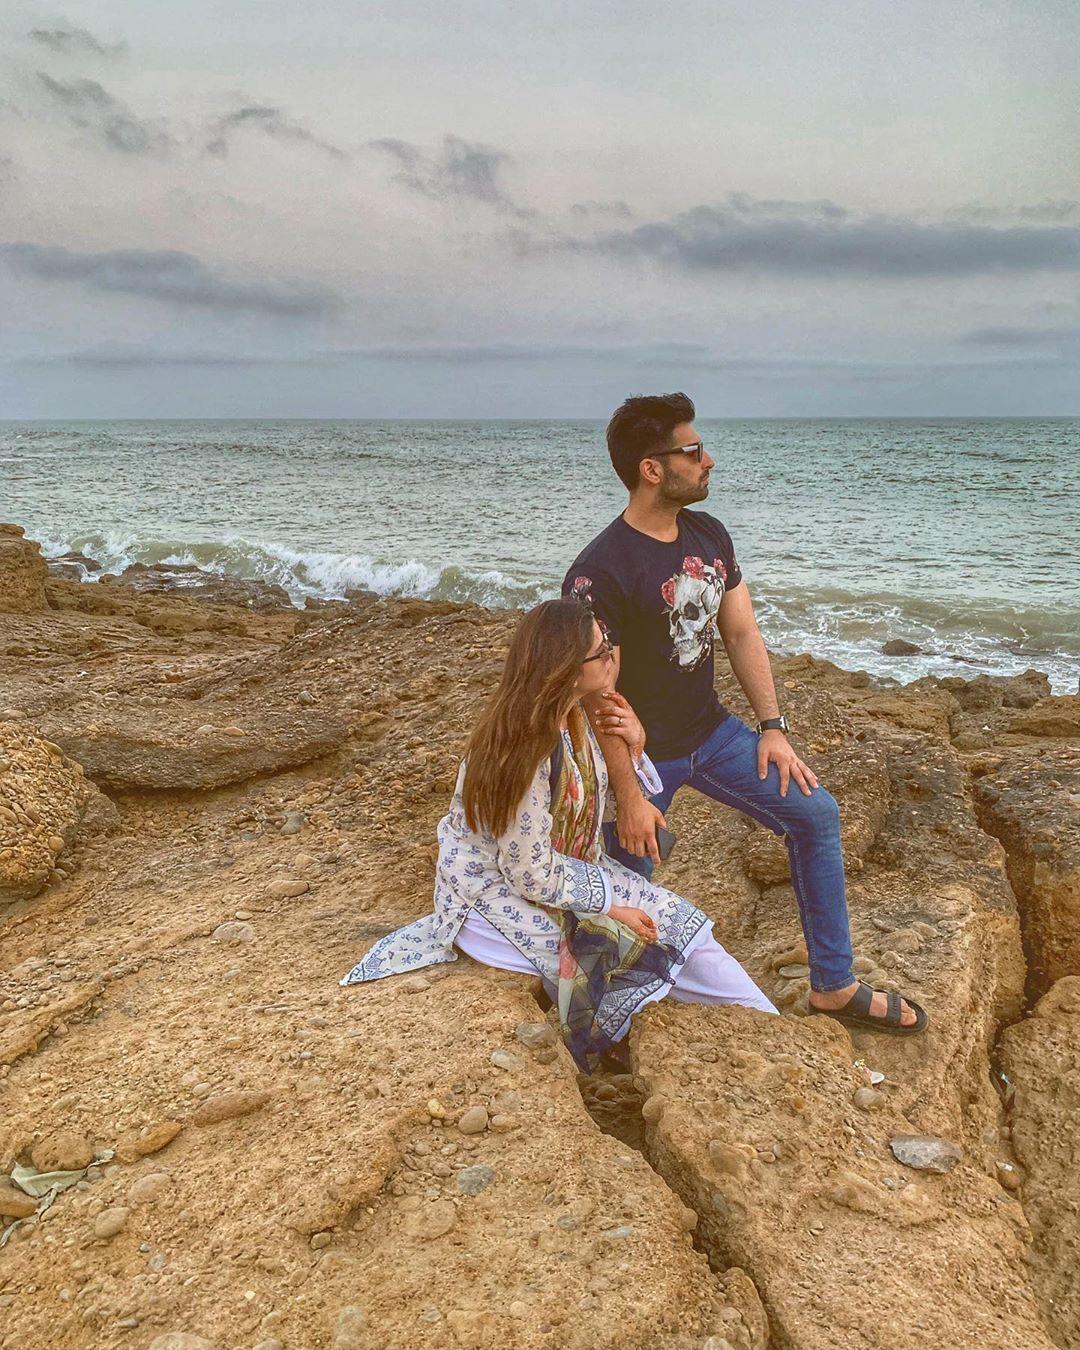 Aiman Khan & Minal Khan Clicks from A Day Spent At Beach